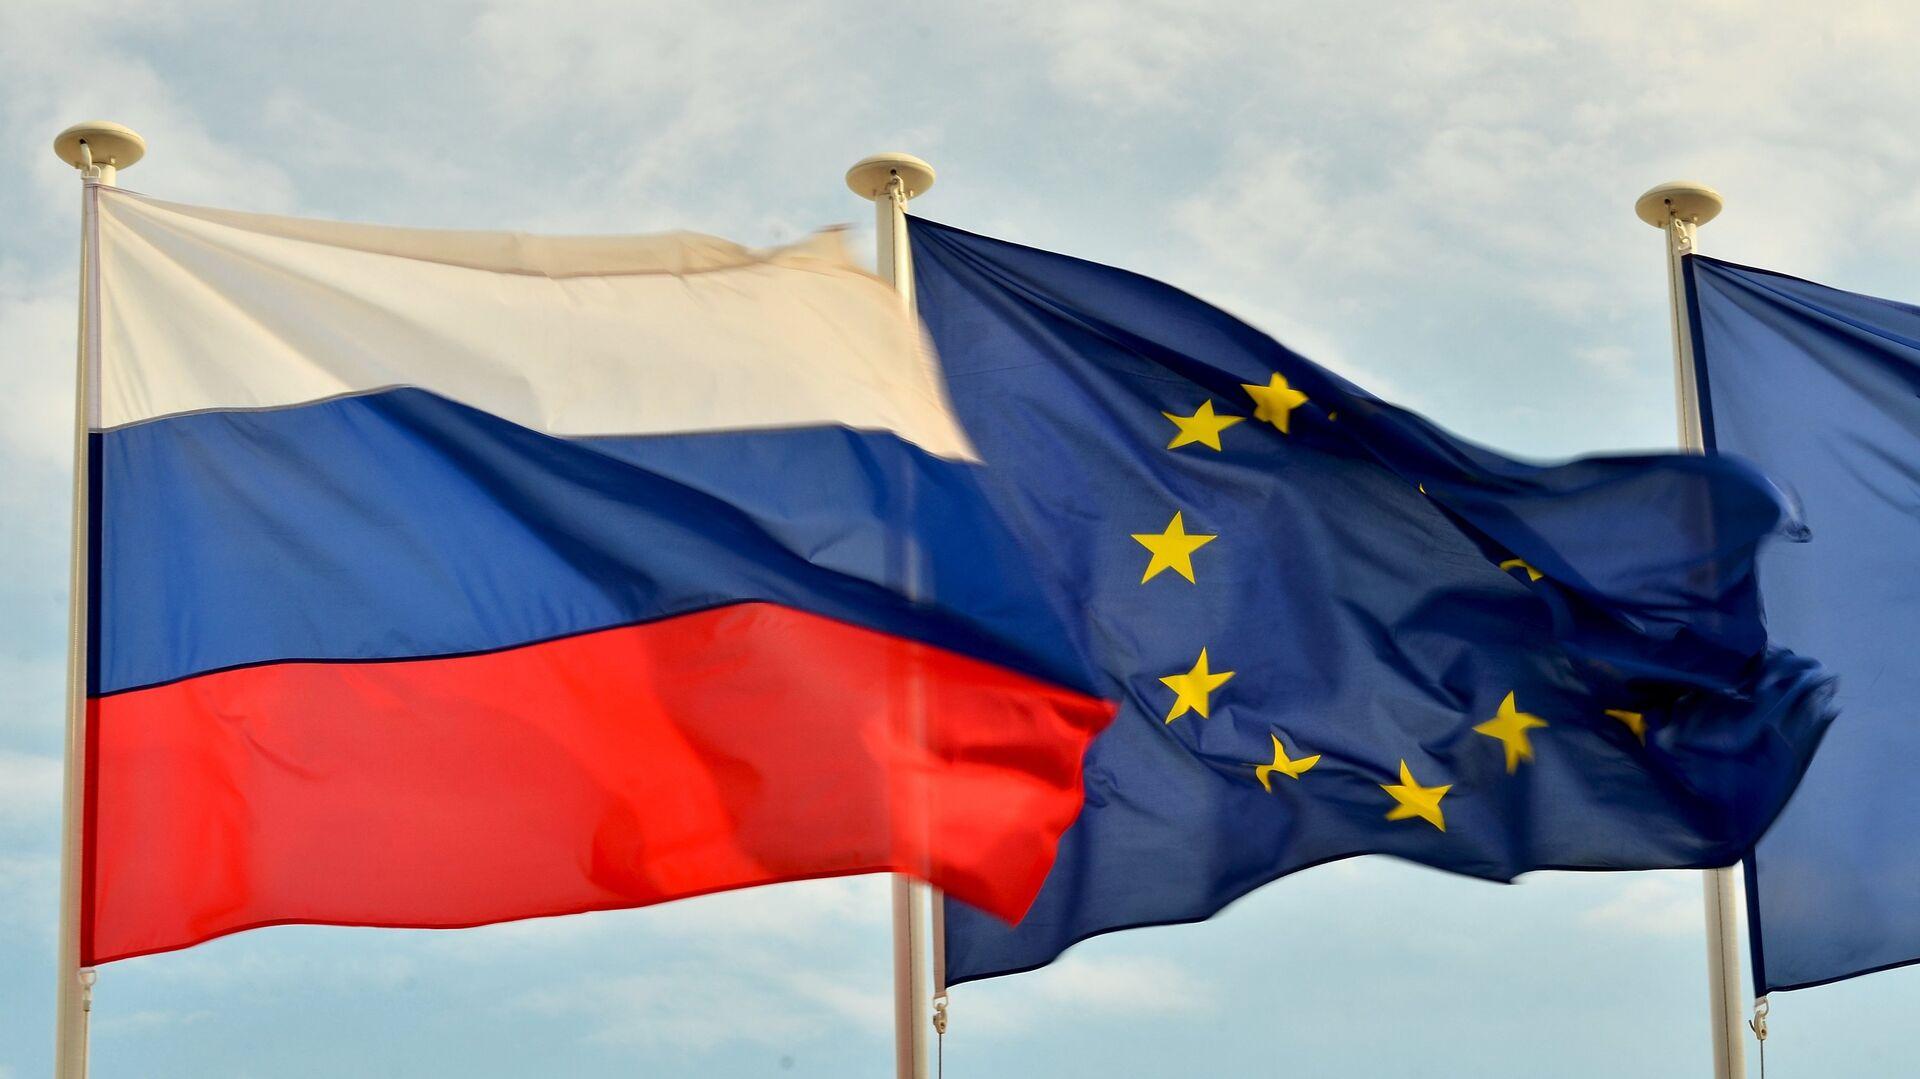 Bandiere della Russia, UE e Francia. - Sputnik Italia, 1920, 24.05.2021